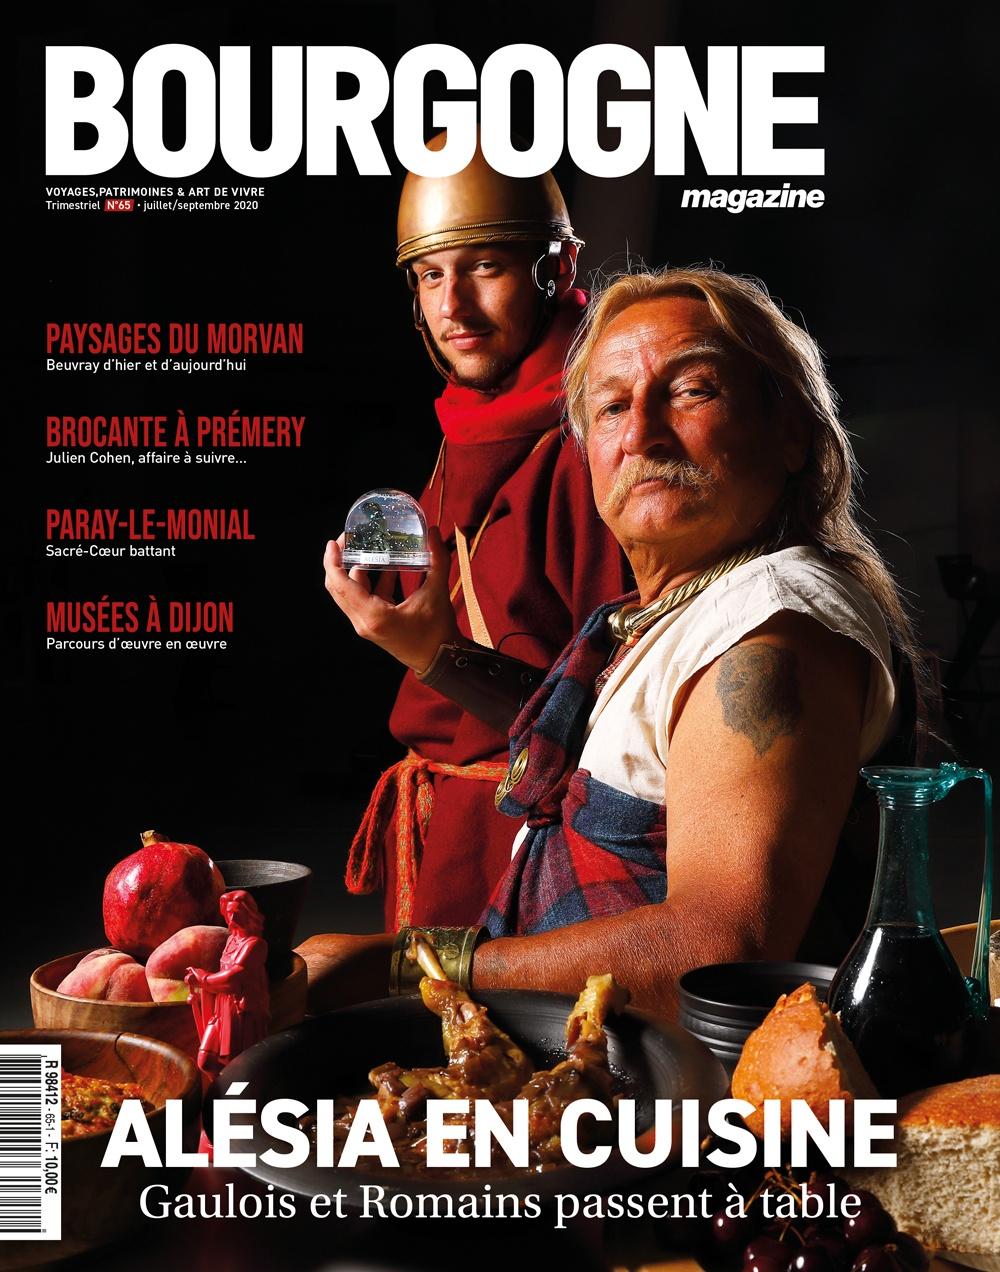 Bourgogne Magazine n°65 envoie Gaulois et Romains en cuisine